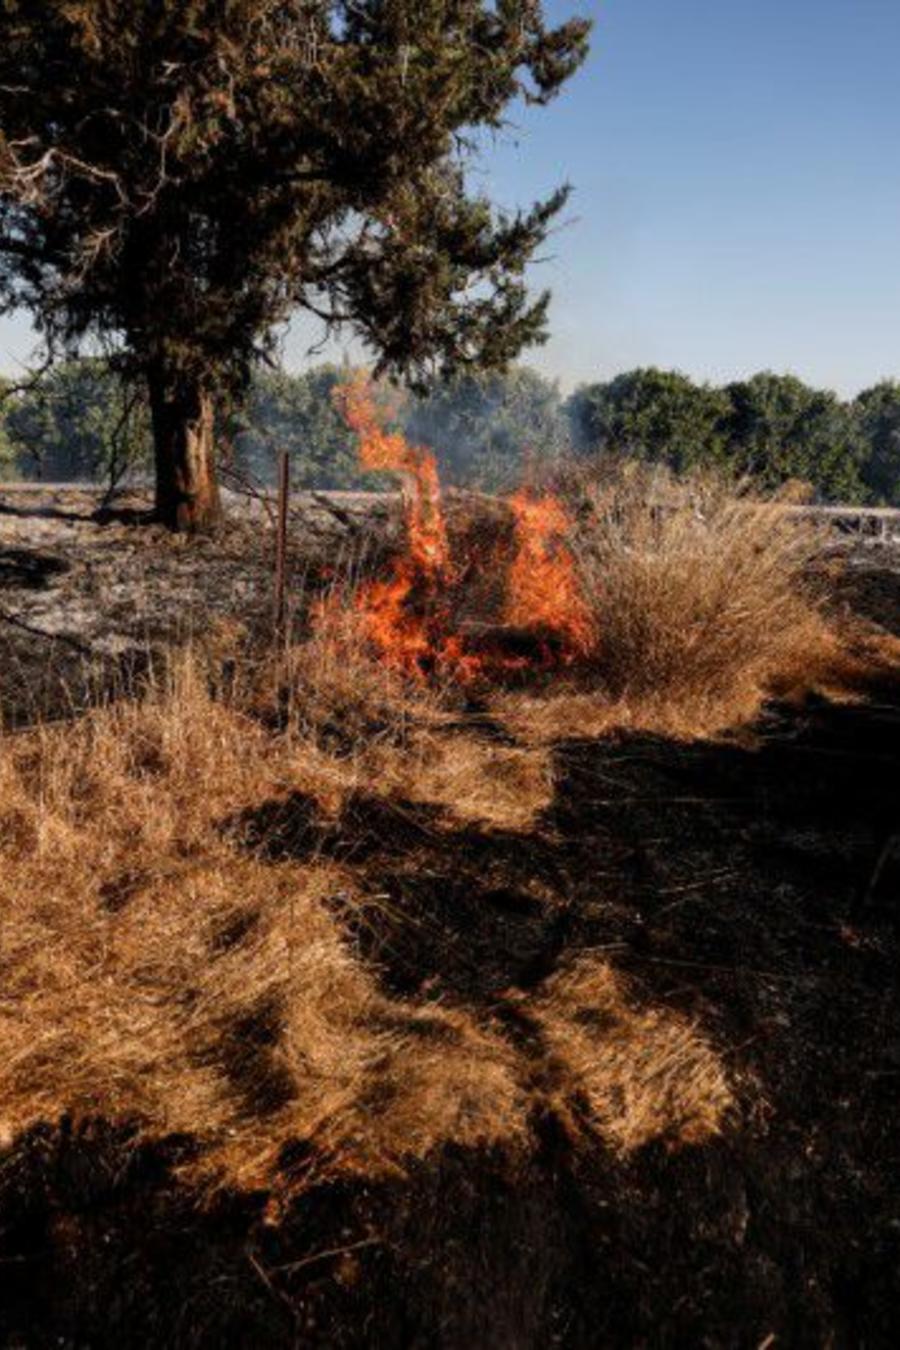 En la imagen se ve un campo en llamas después de que los palestinos en Gaza lanzaran globos incendiarios sobre la frontera entre Gaza e Israel, cerca de Nir Am, el 15 de junio de 2021.